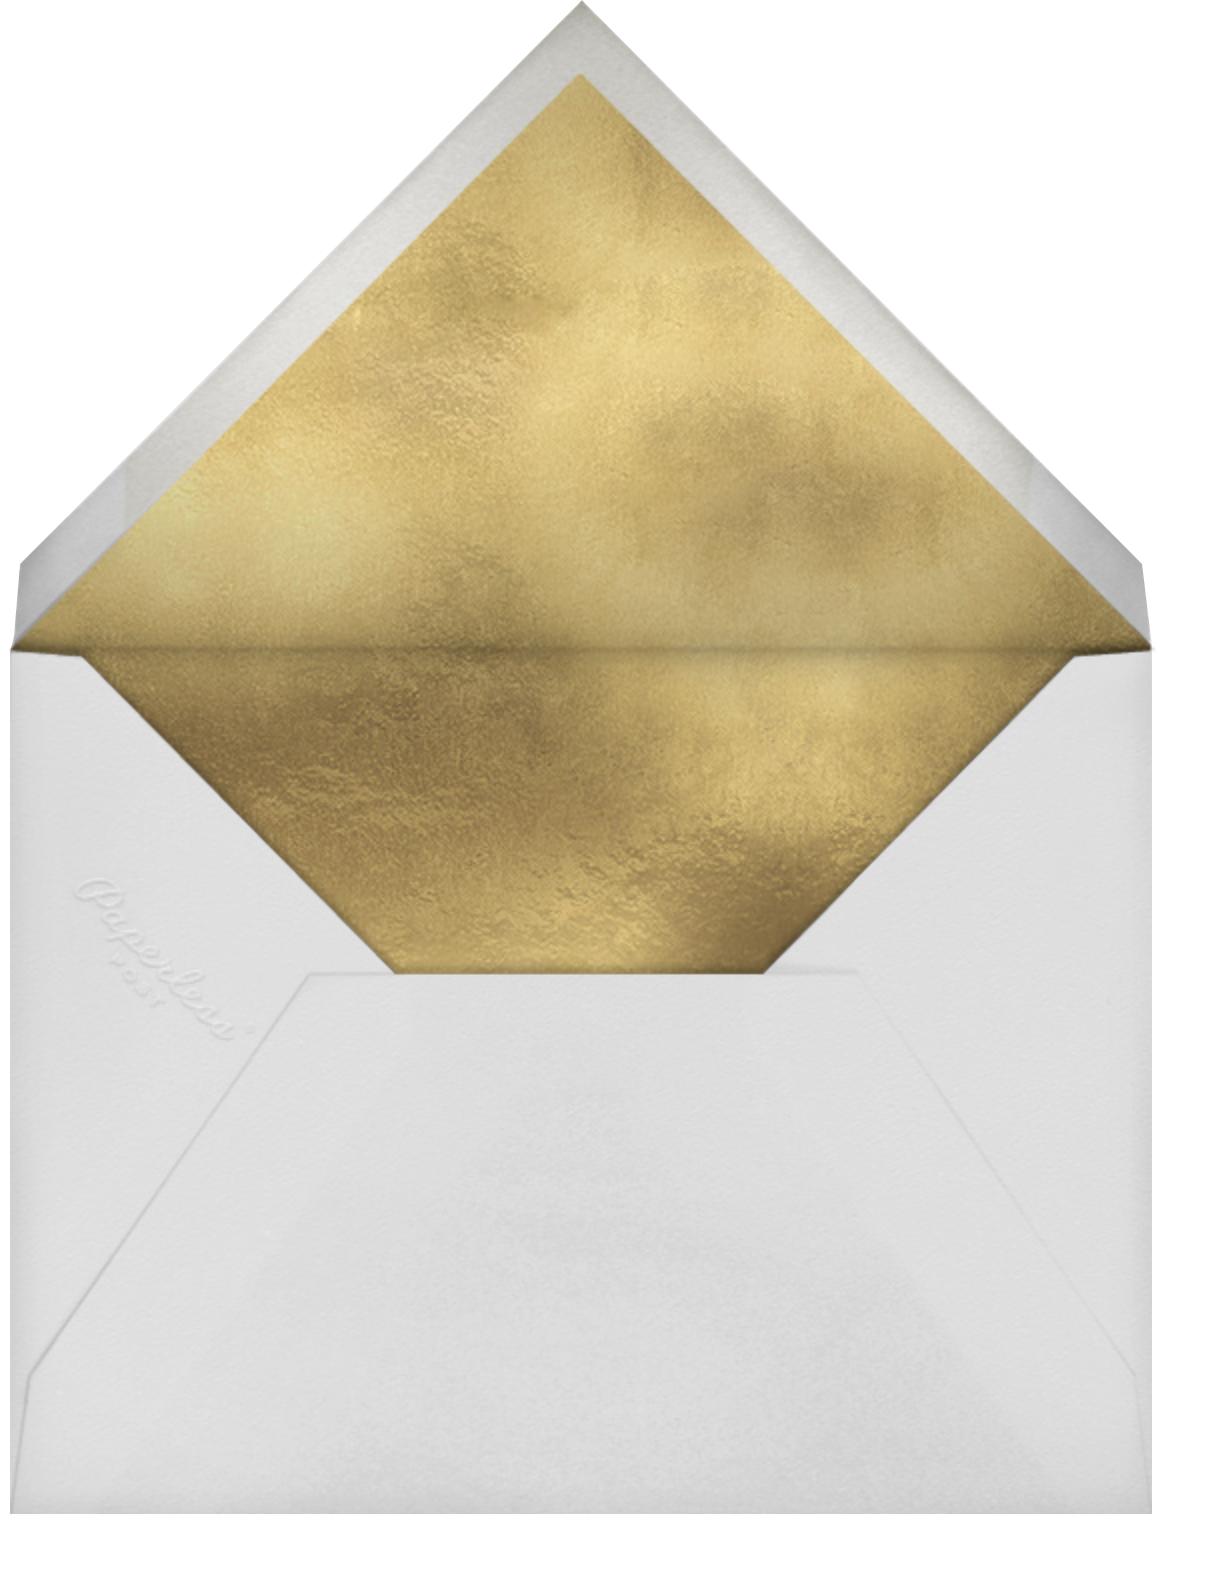 Floral Trellis II - Red/Gold - Oscar de la Renta - All - envelope back